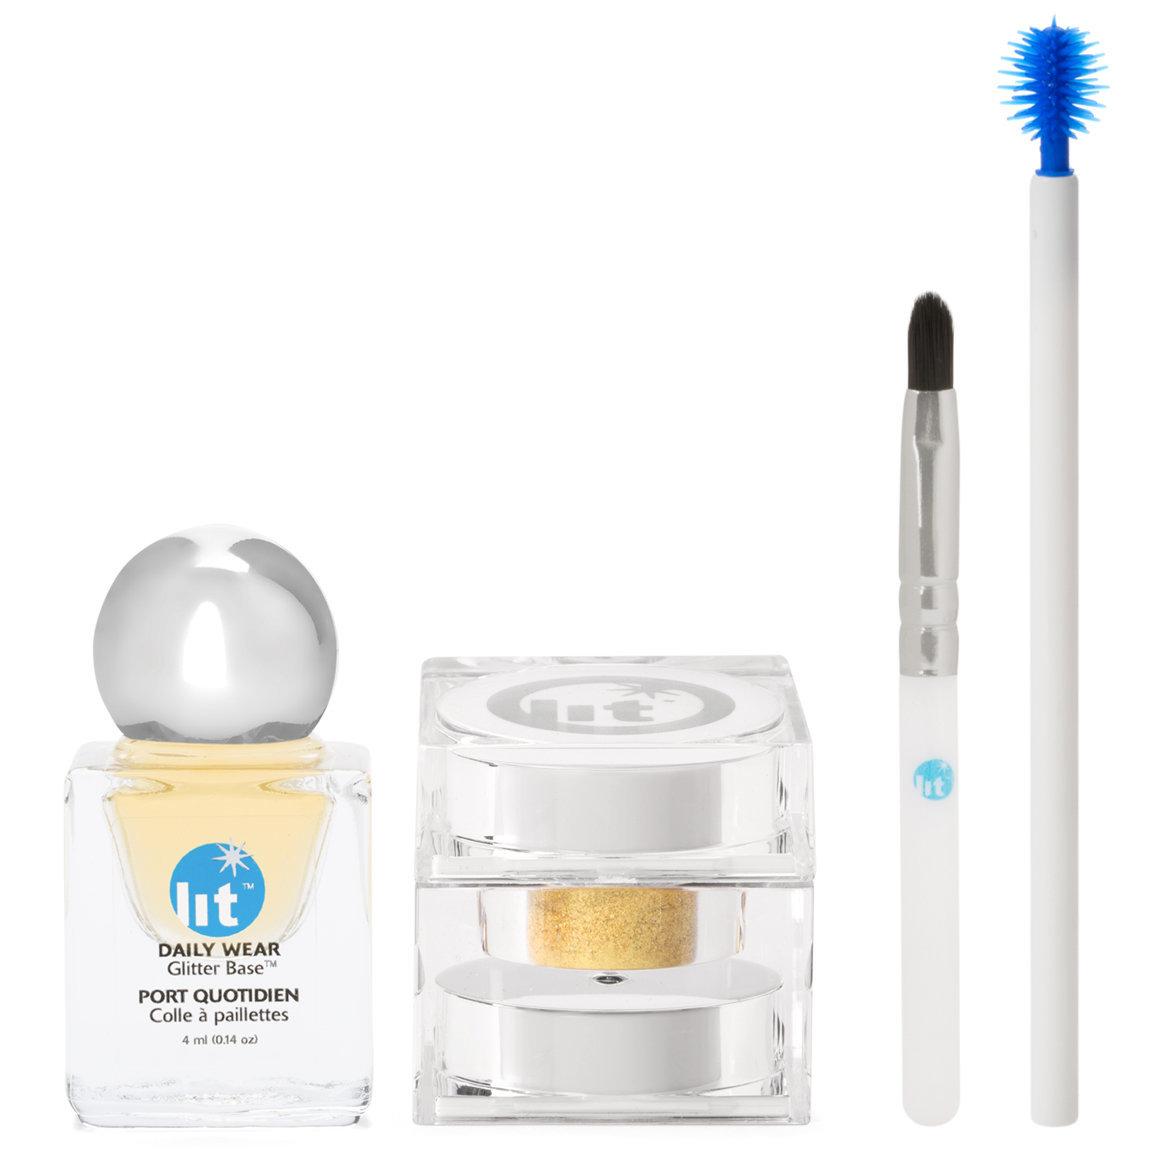 Lit Cosmetics Lit Kit: Lit Metal Kits Glisten (Gold) alternative view 1.